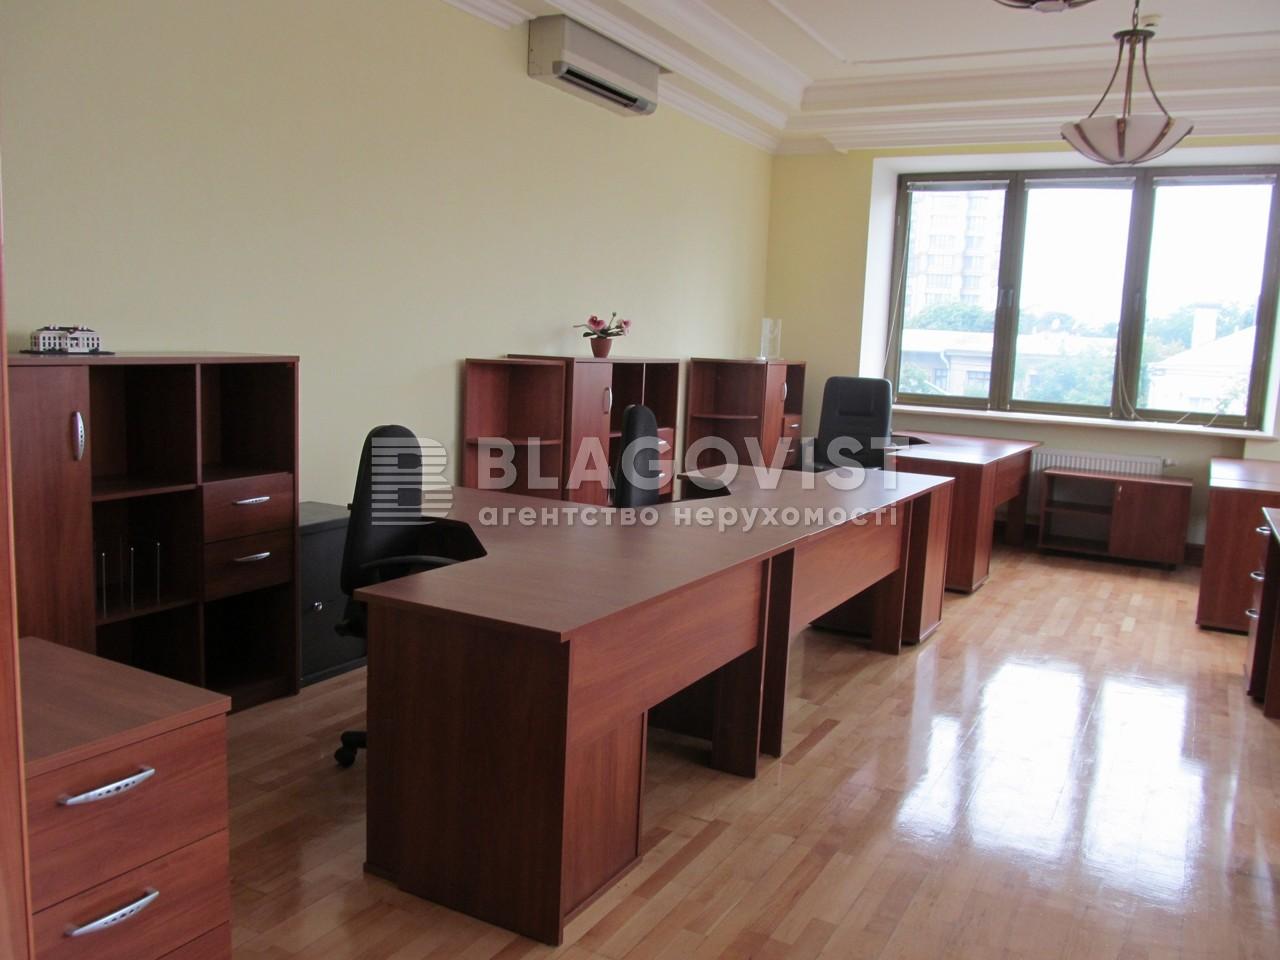 Нежилое помещение, H-34356, Липская, Киев - Фото 11